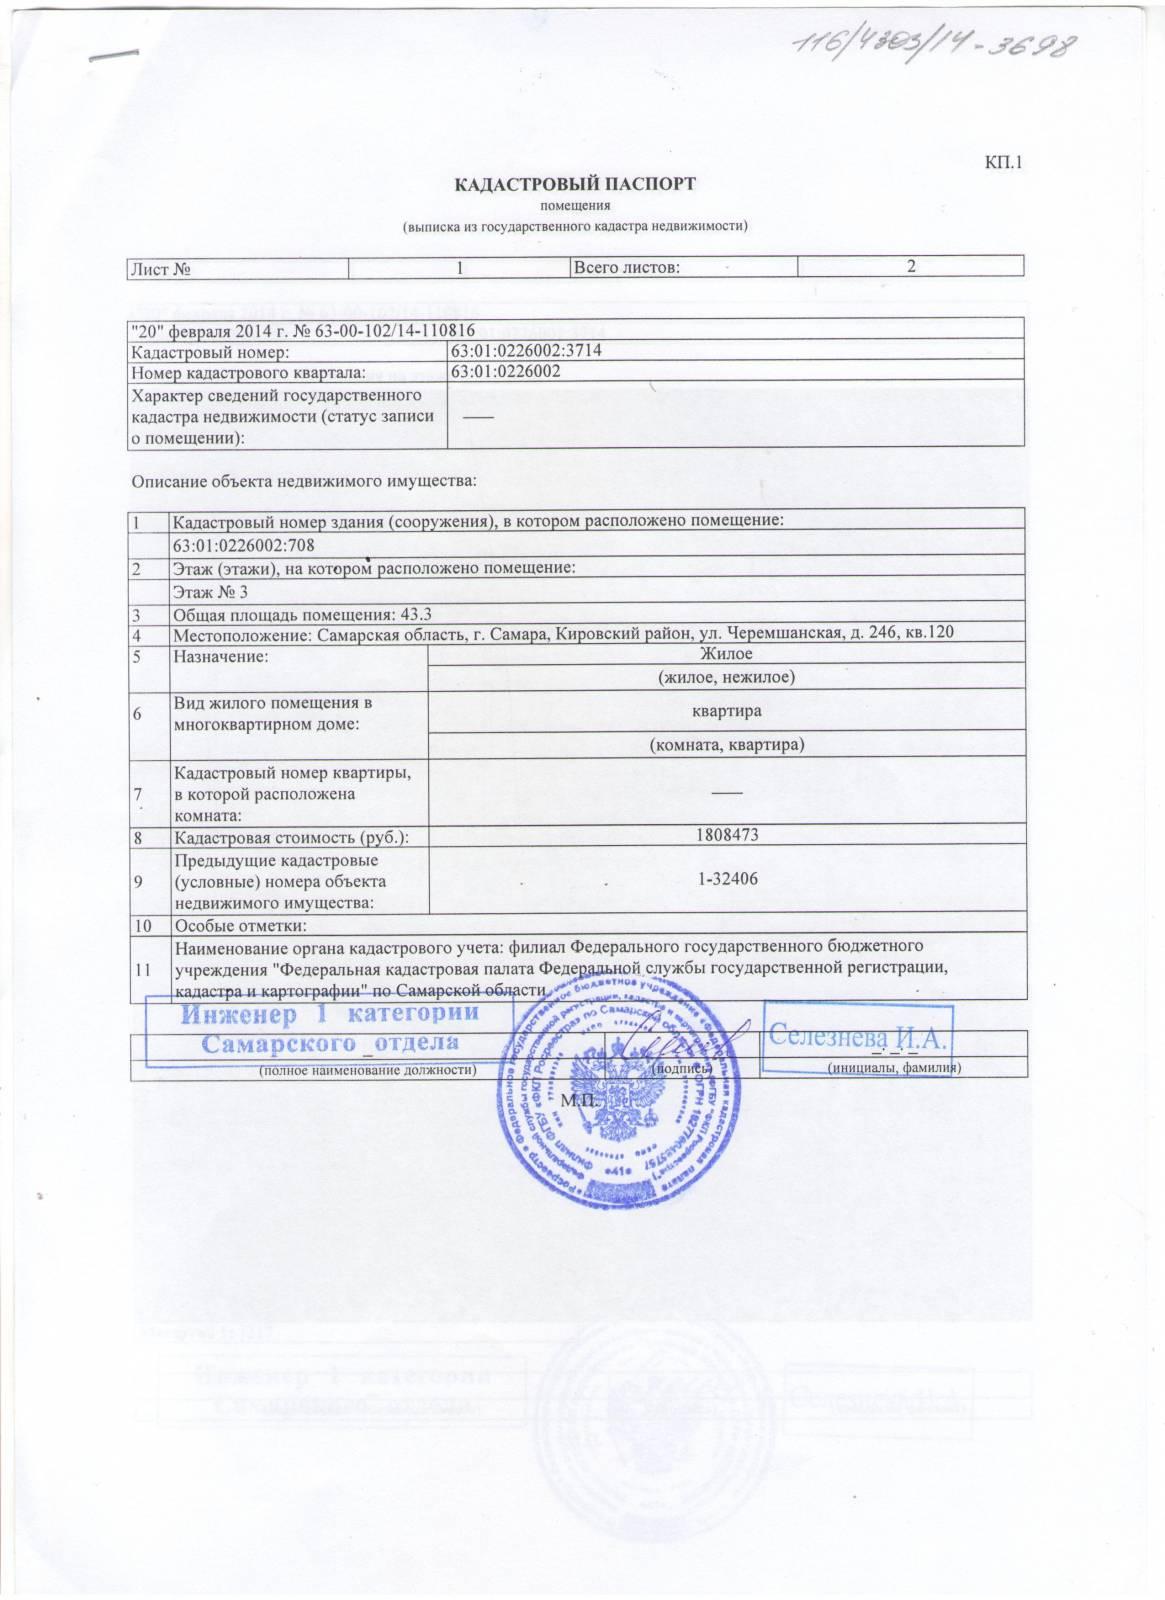 Кадастровый паспорт квартиры Коллекция изображений